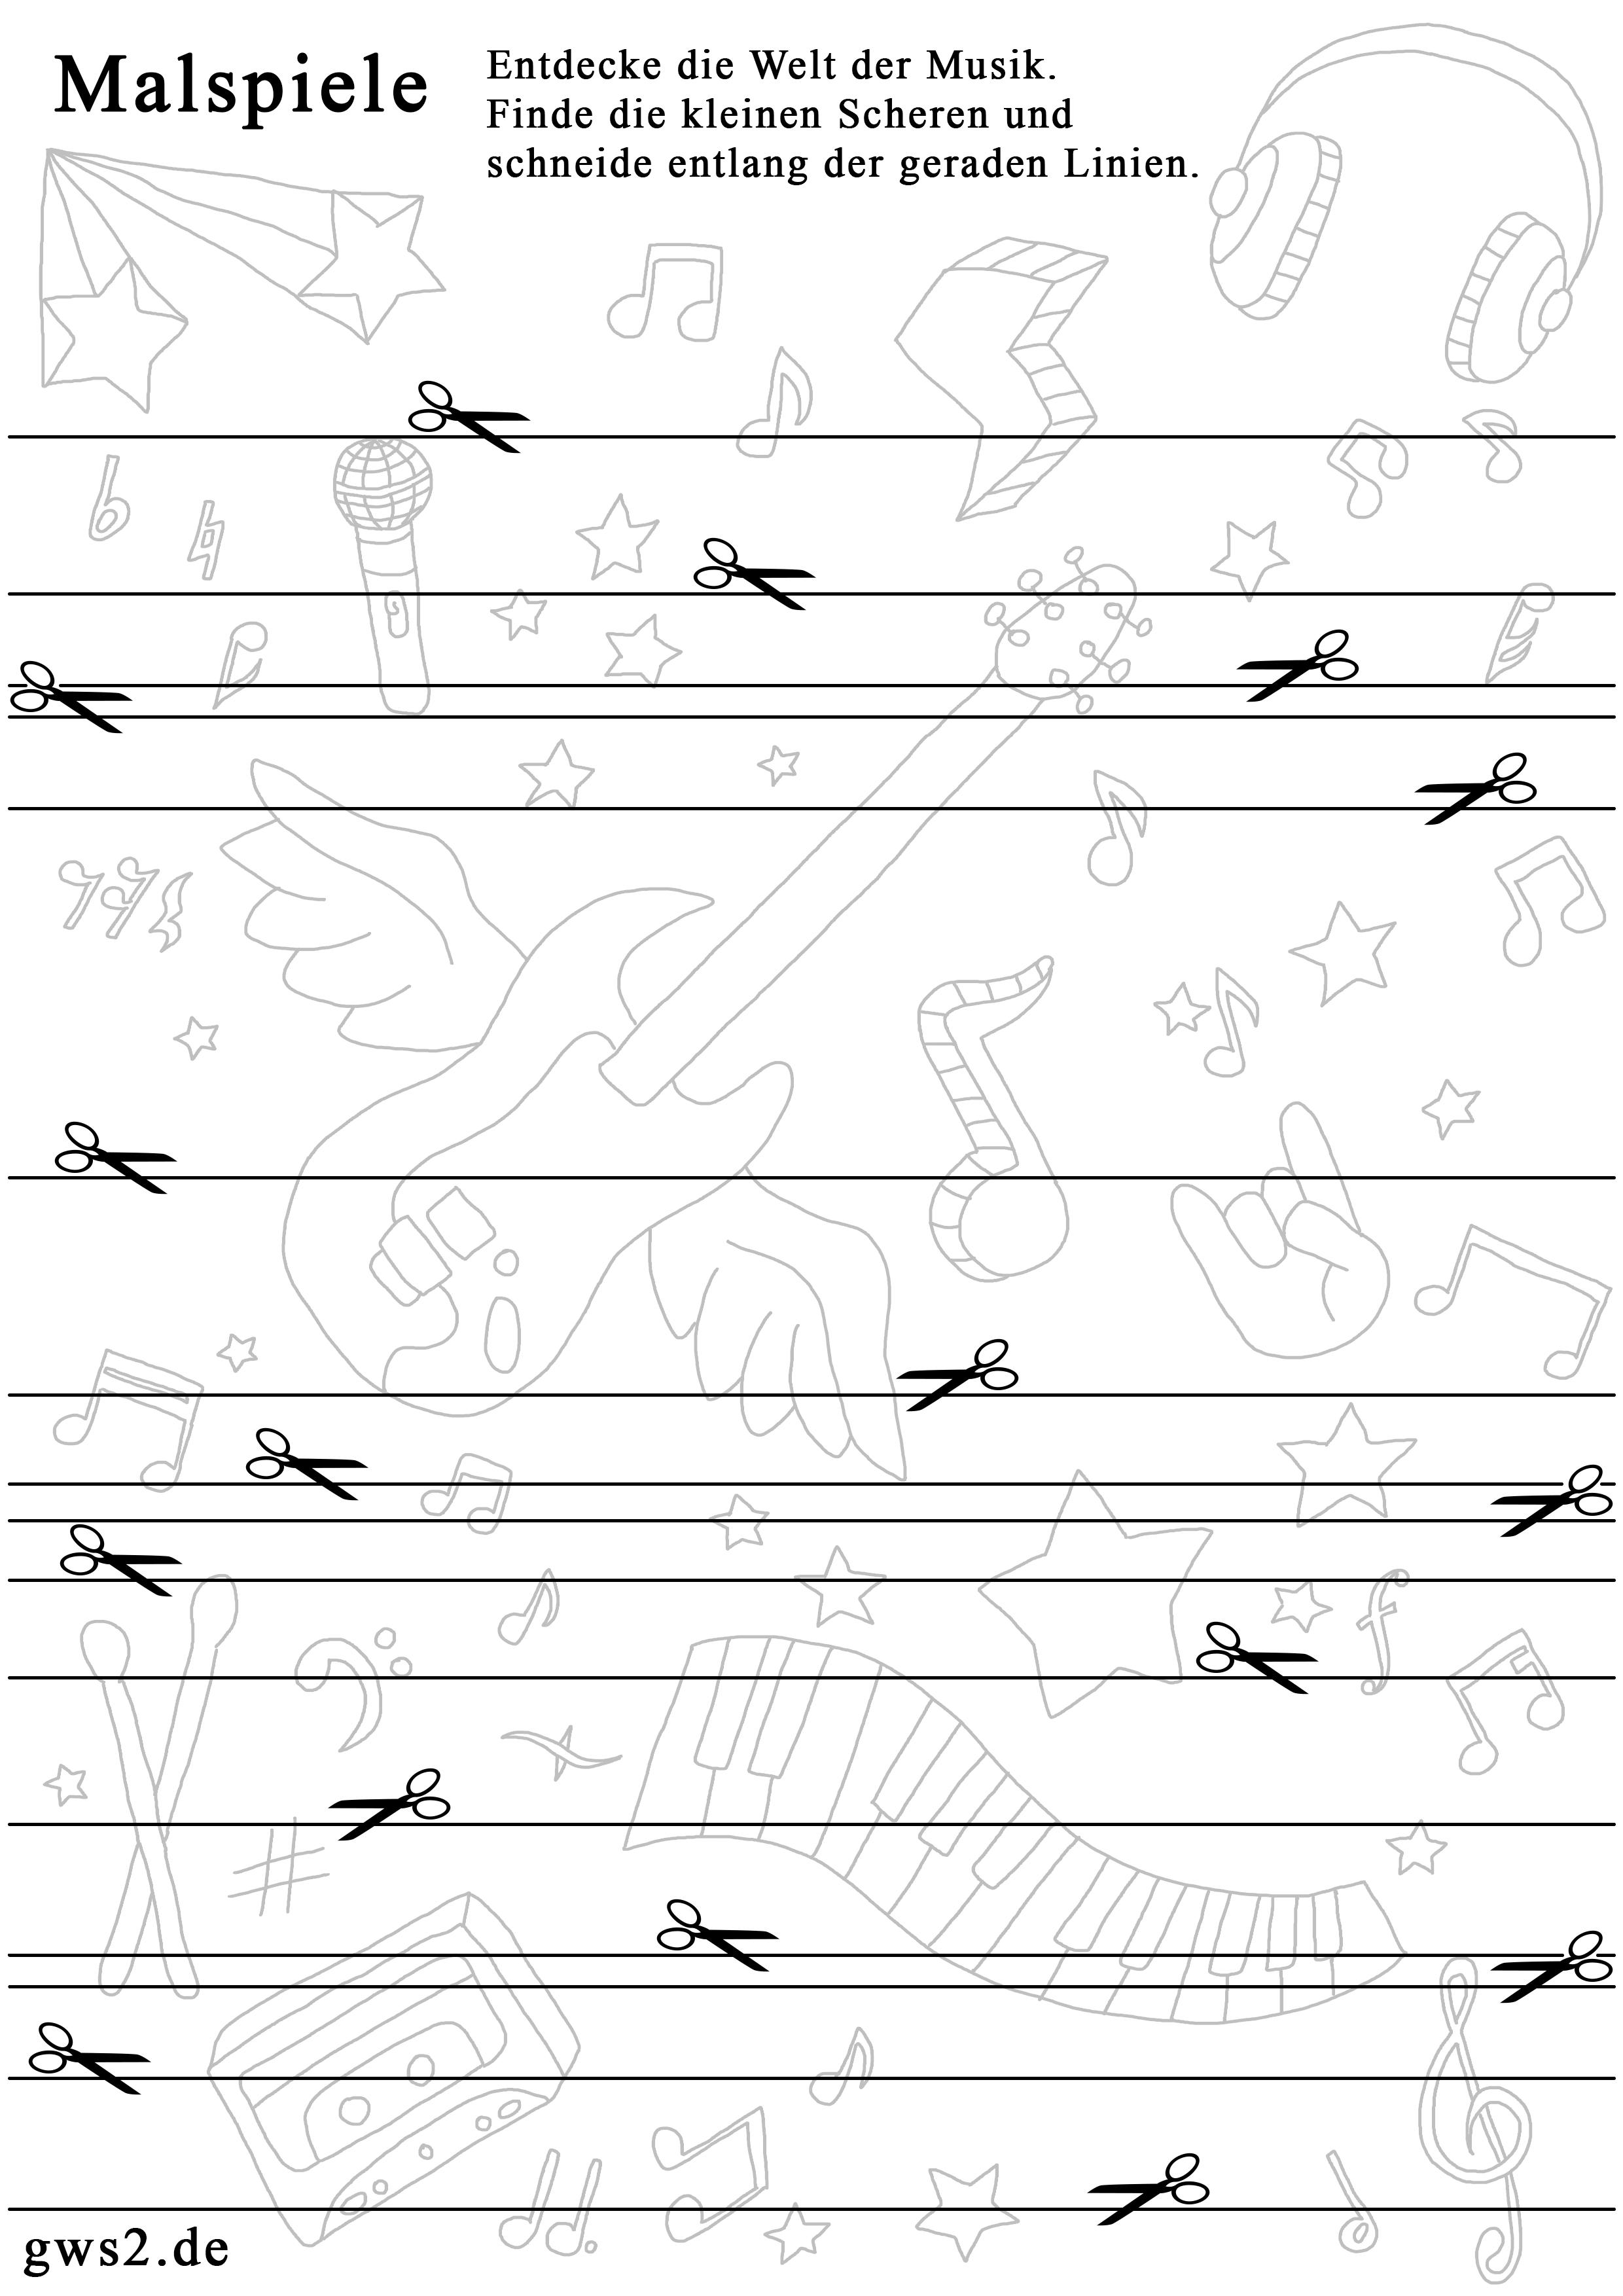 Schneiden lernen - Vorlage mit geraden Linien | Unterricht ...